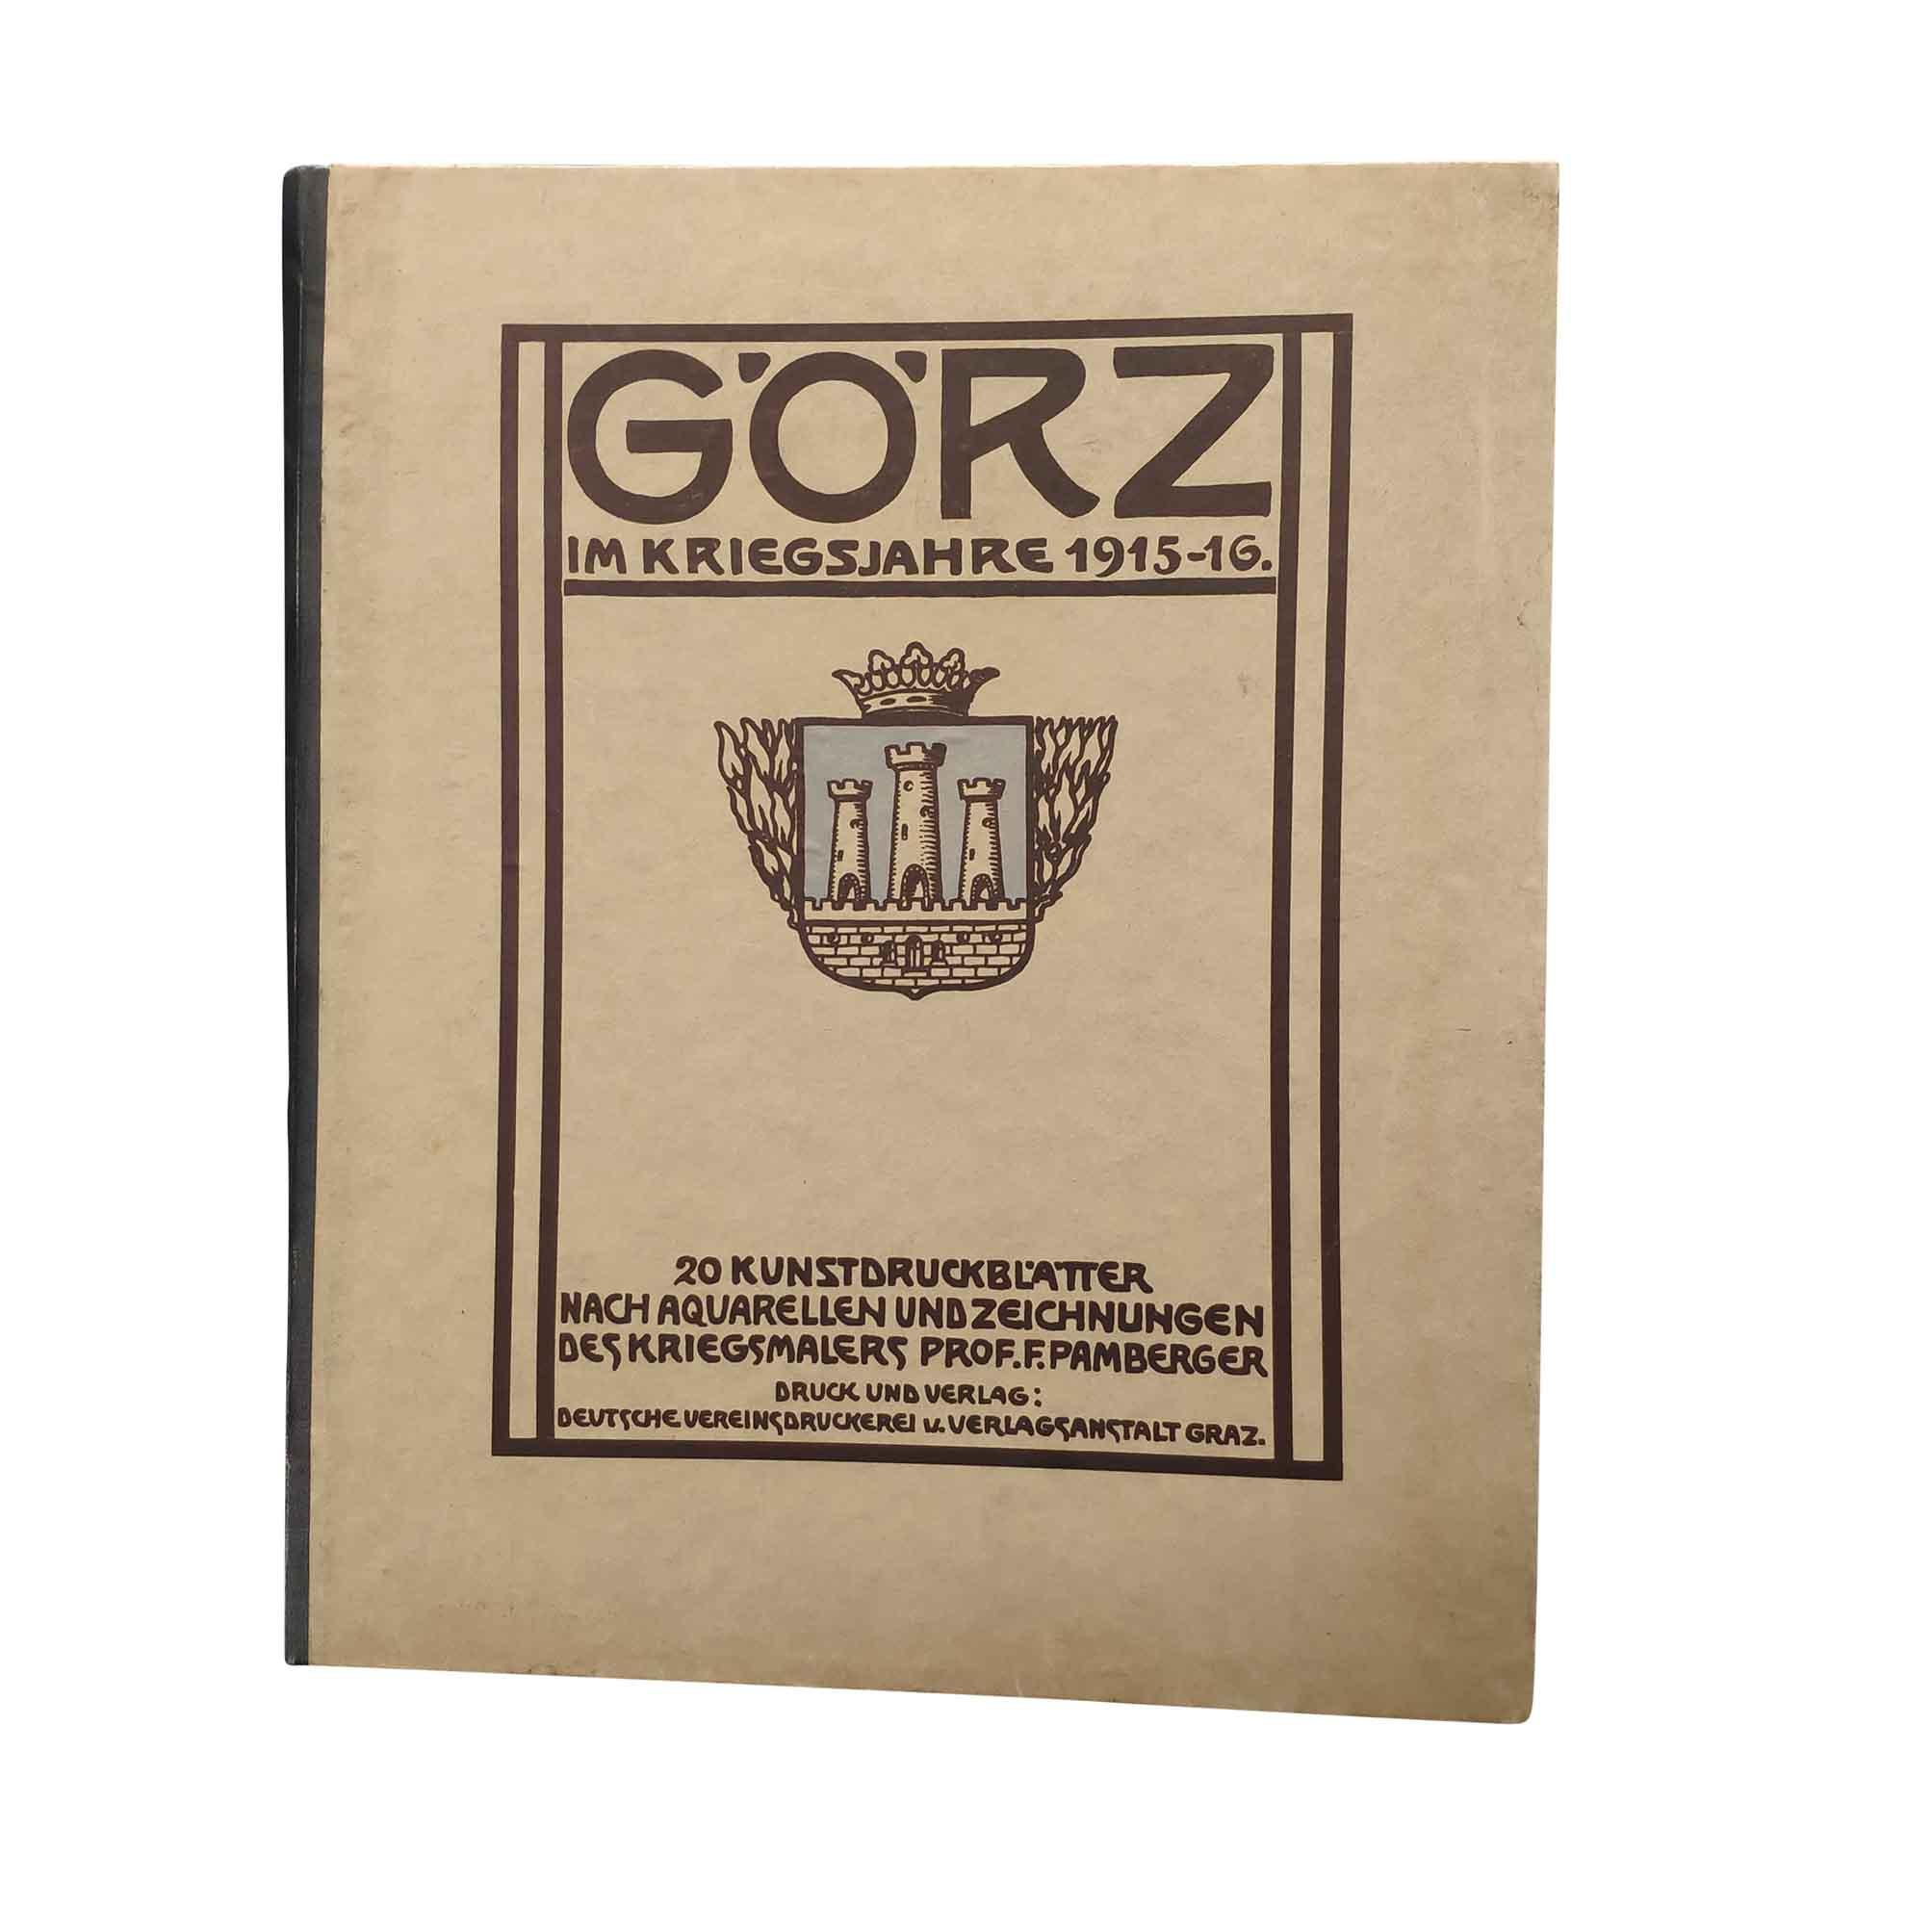 5812-Goerz-Krieg-Mappe-1916-recto-frei-N.jpg